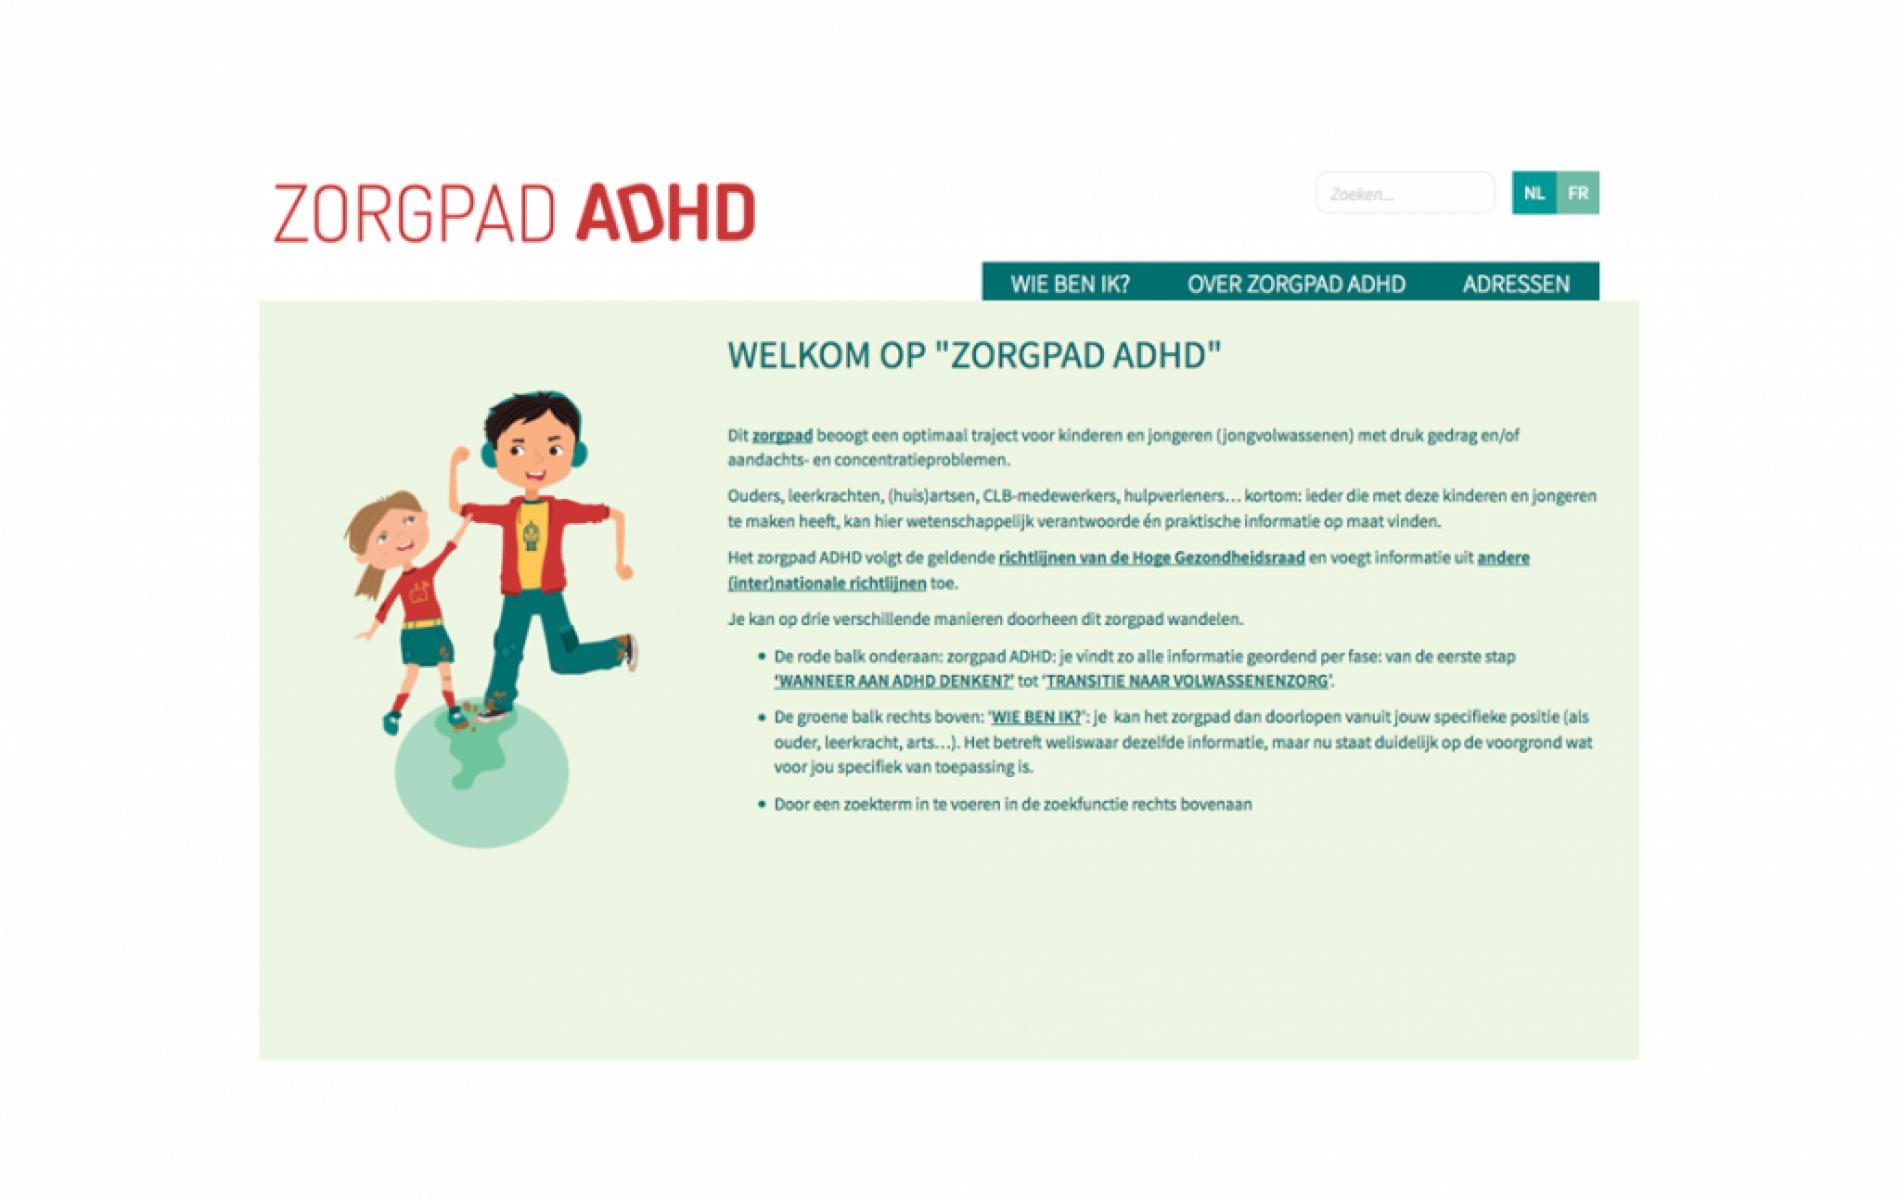 ZORGPAD ADHD